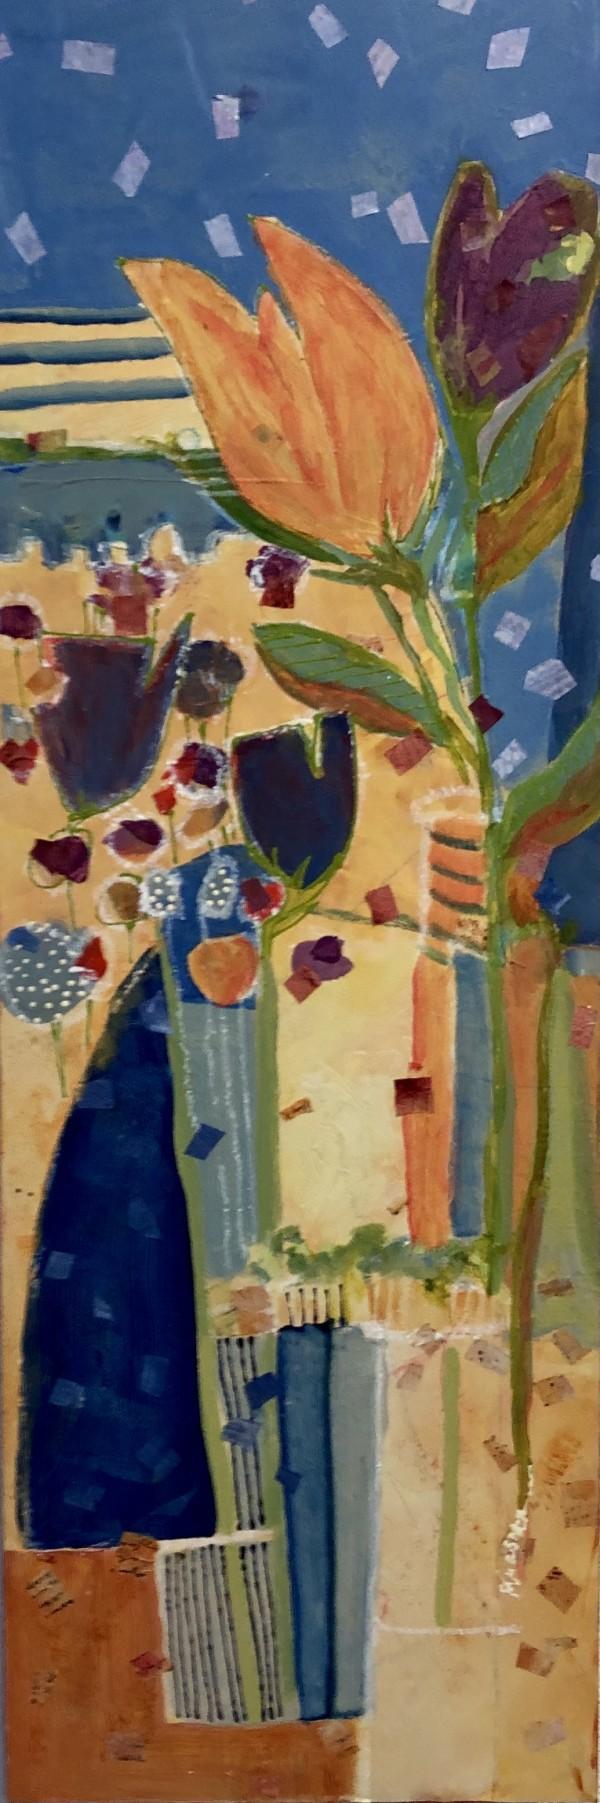 ORANGE TULIPS by Jill Krasner